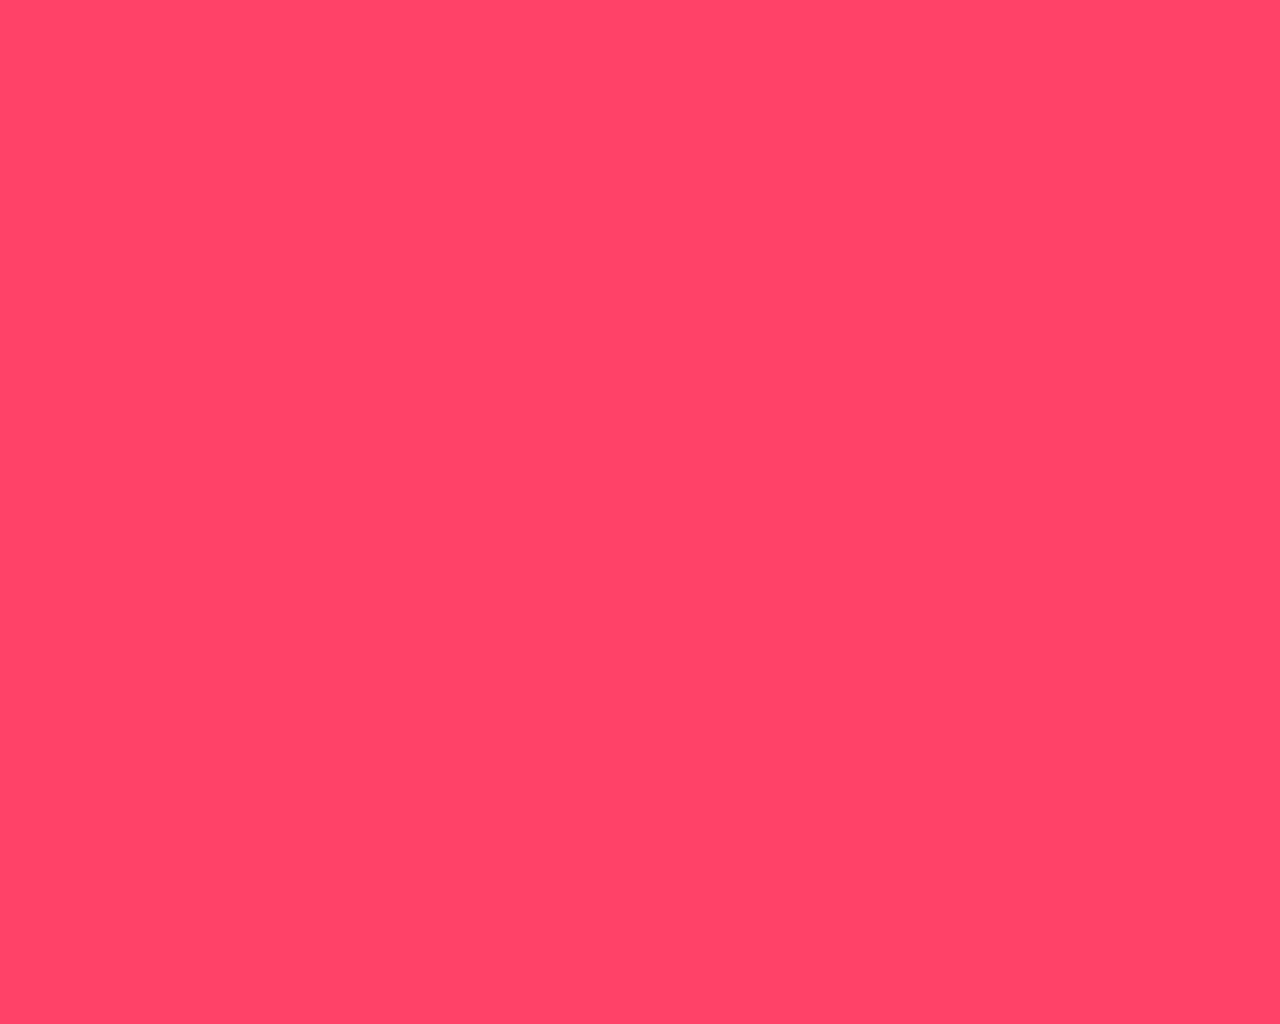 1280x1024 Neon Fuchsia Solid Color Background